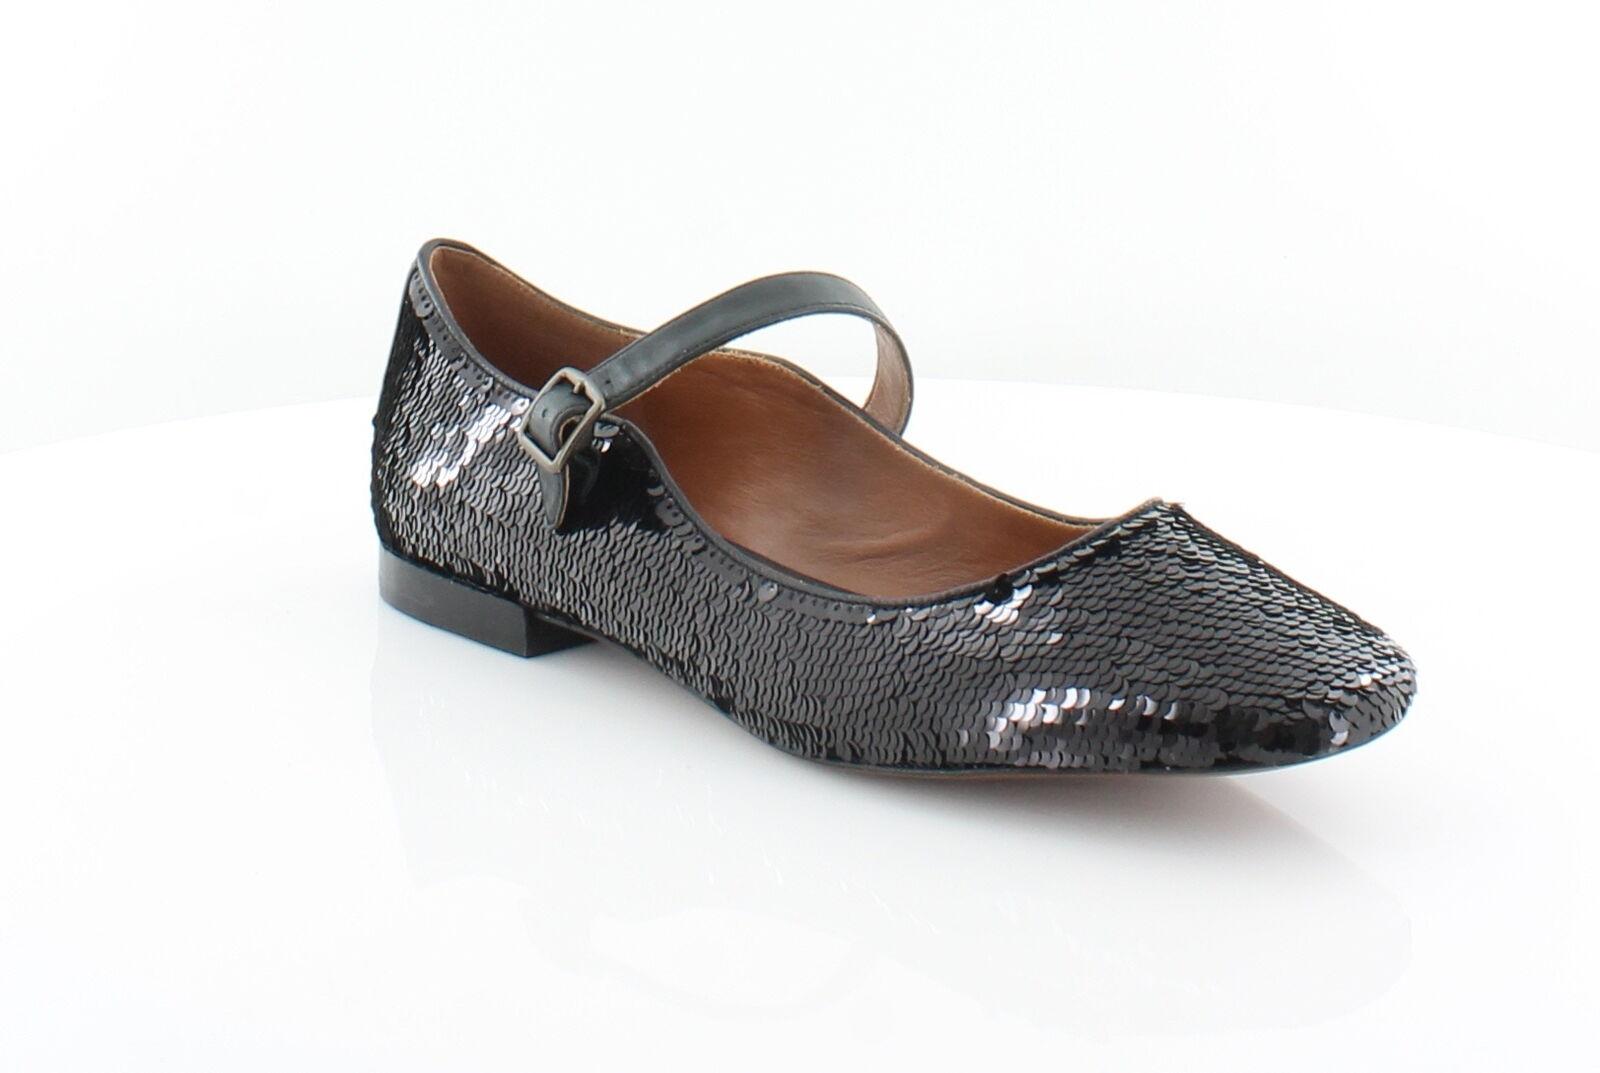 Entrenador maryjan Seq Negro Zapatos para mujer Talla 9.5 9.5 9.5 M pisos precio minorista sugerido por el fabricante  250  edición limitada en caliente